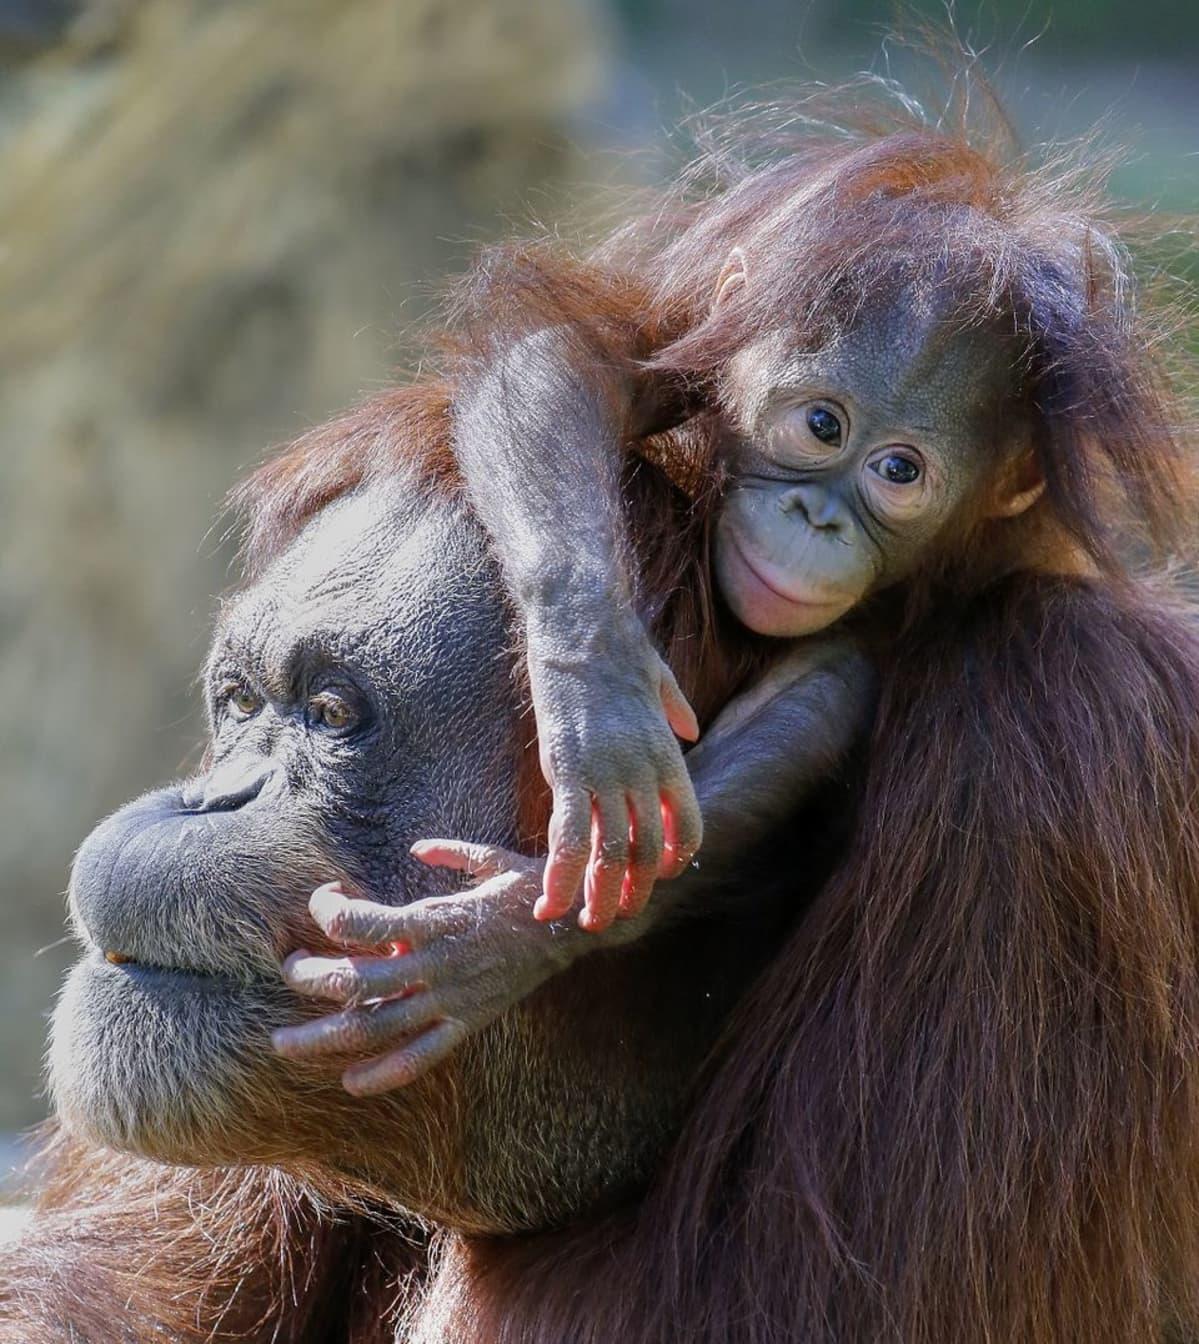 Oranginpoikanen aikuisen eläimen selässä.